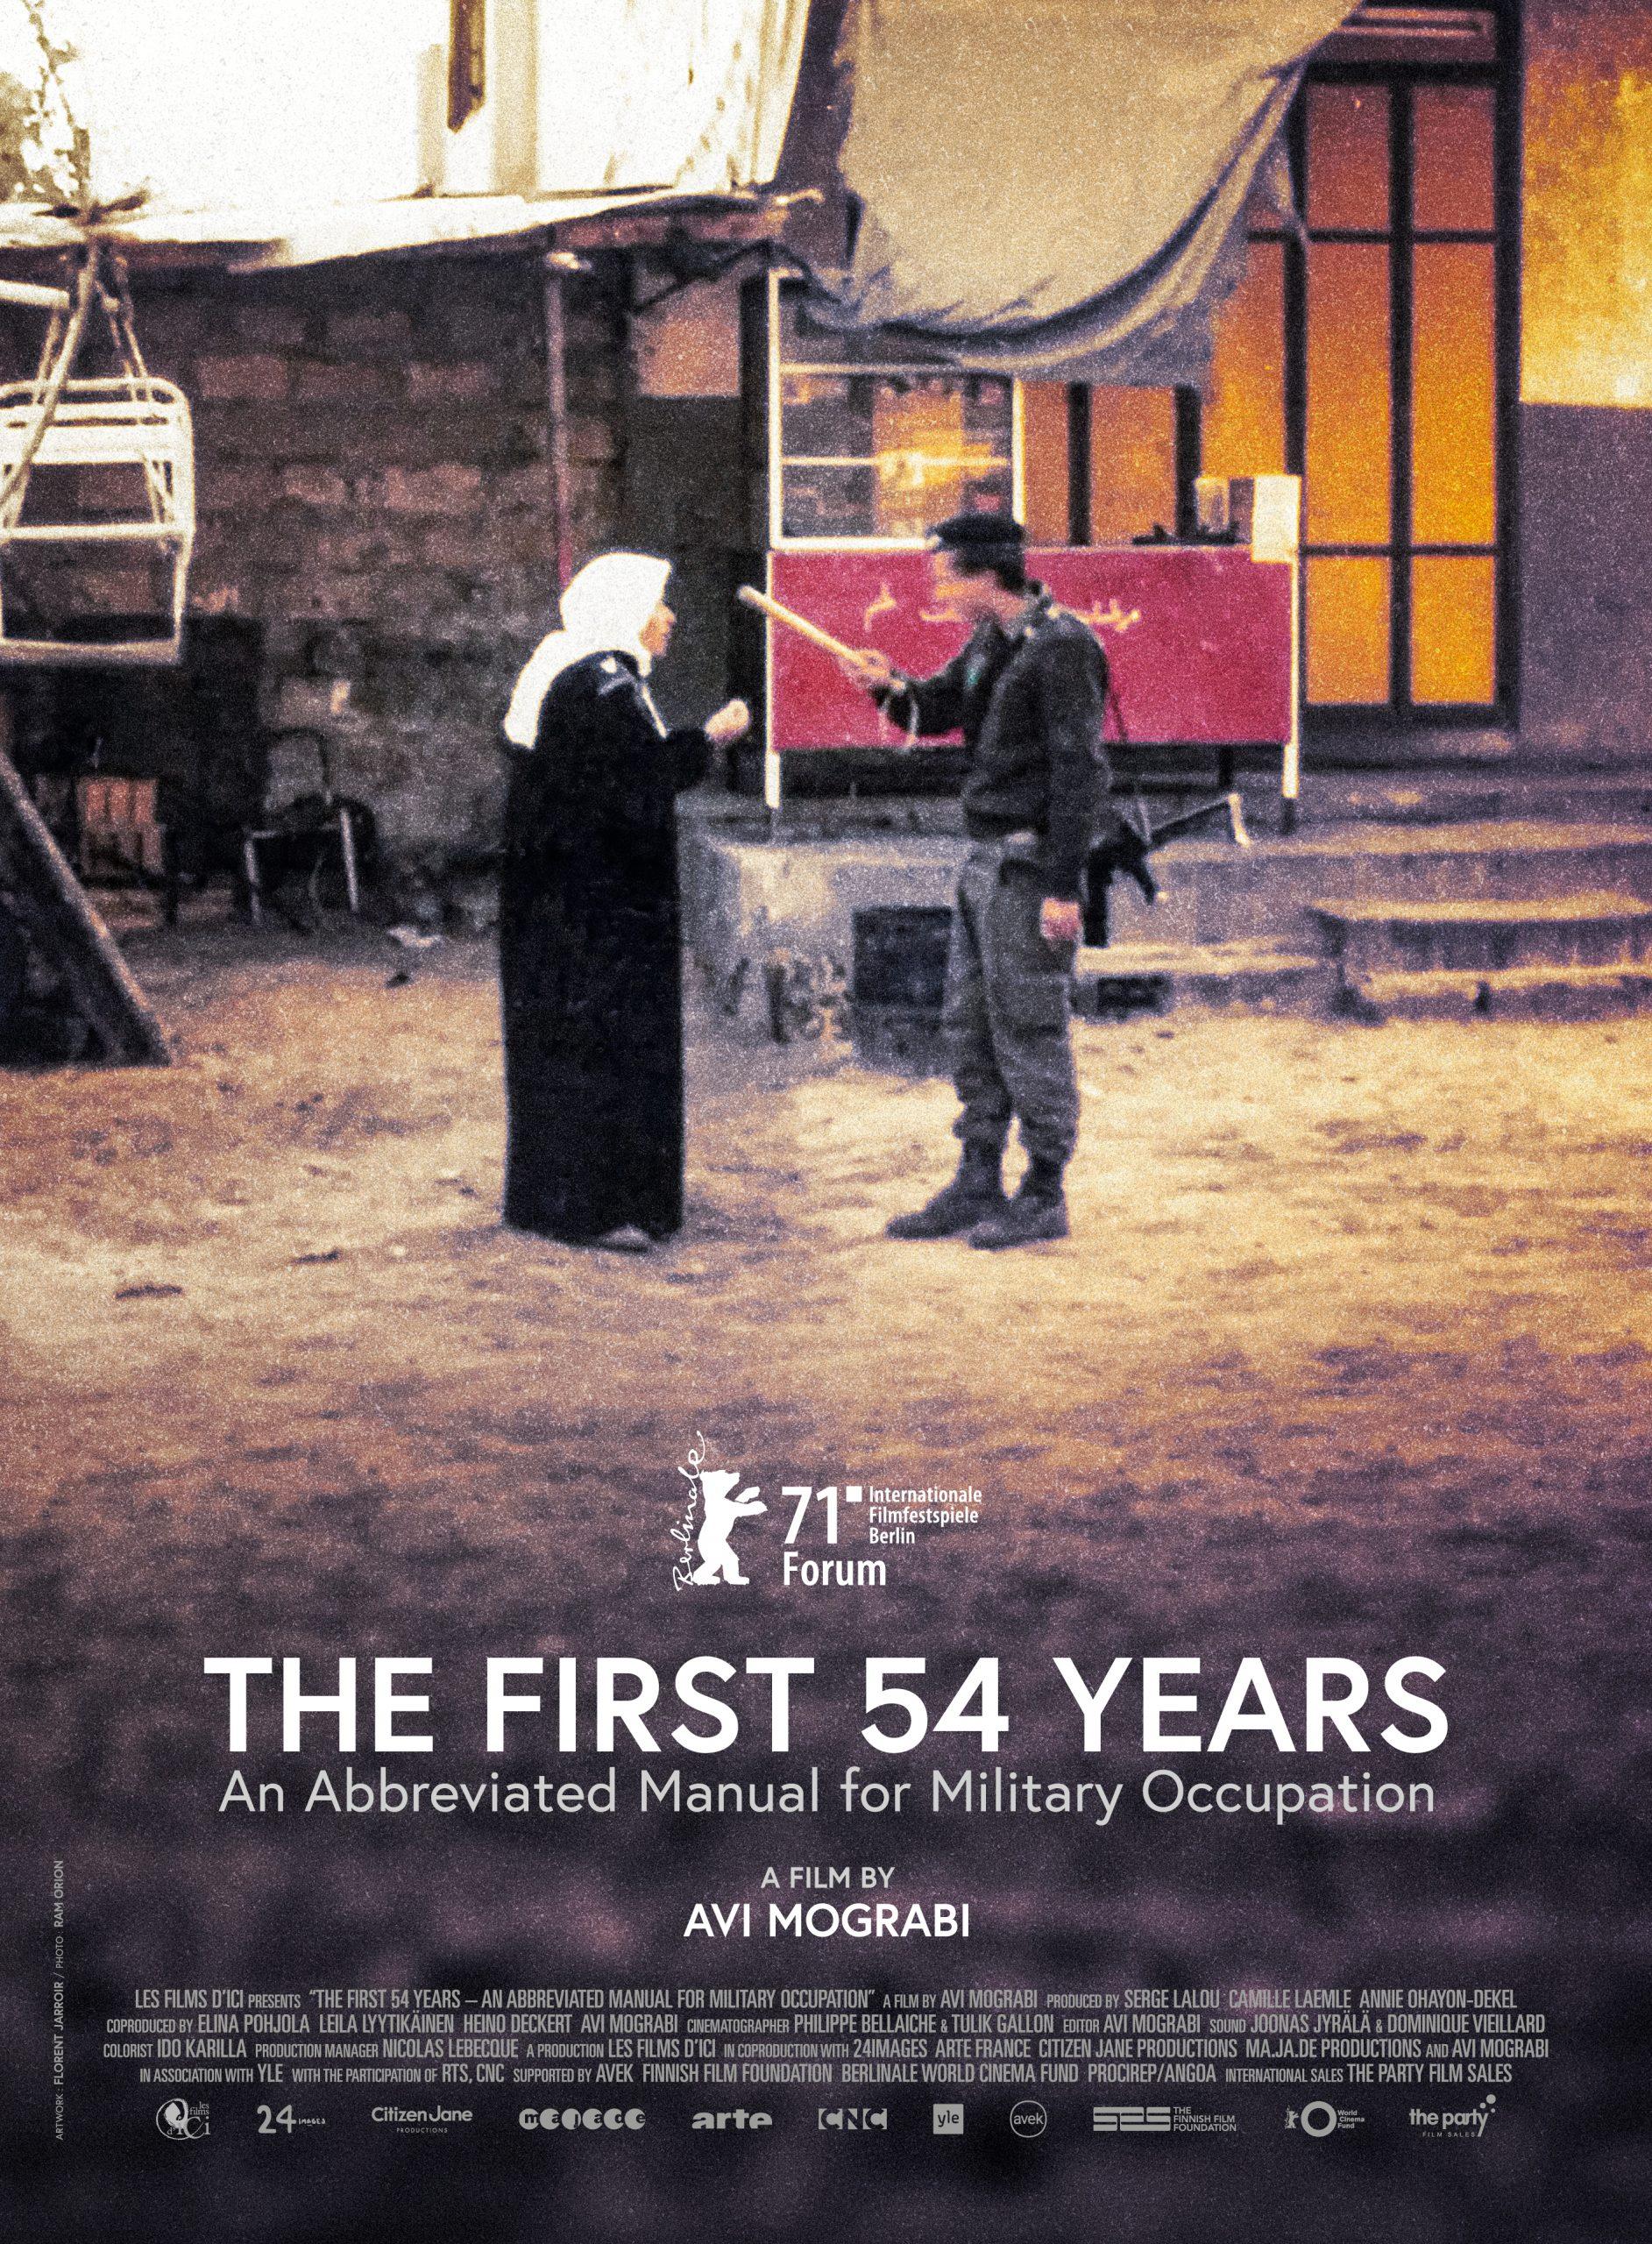 The First 54 Years - Avi Mograbi